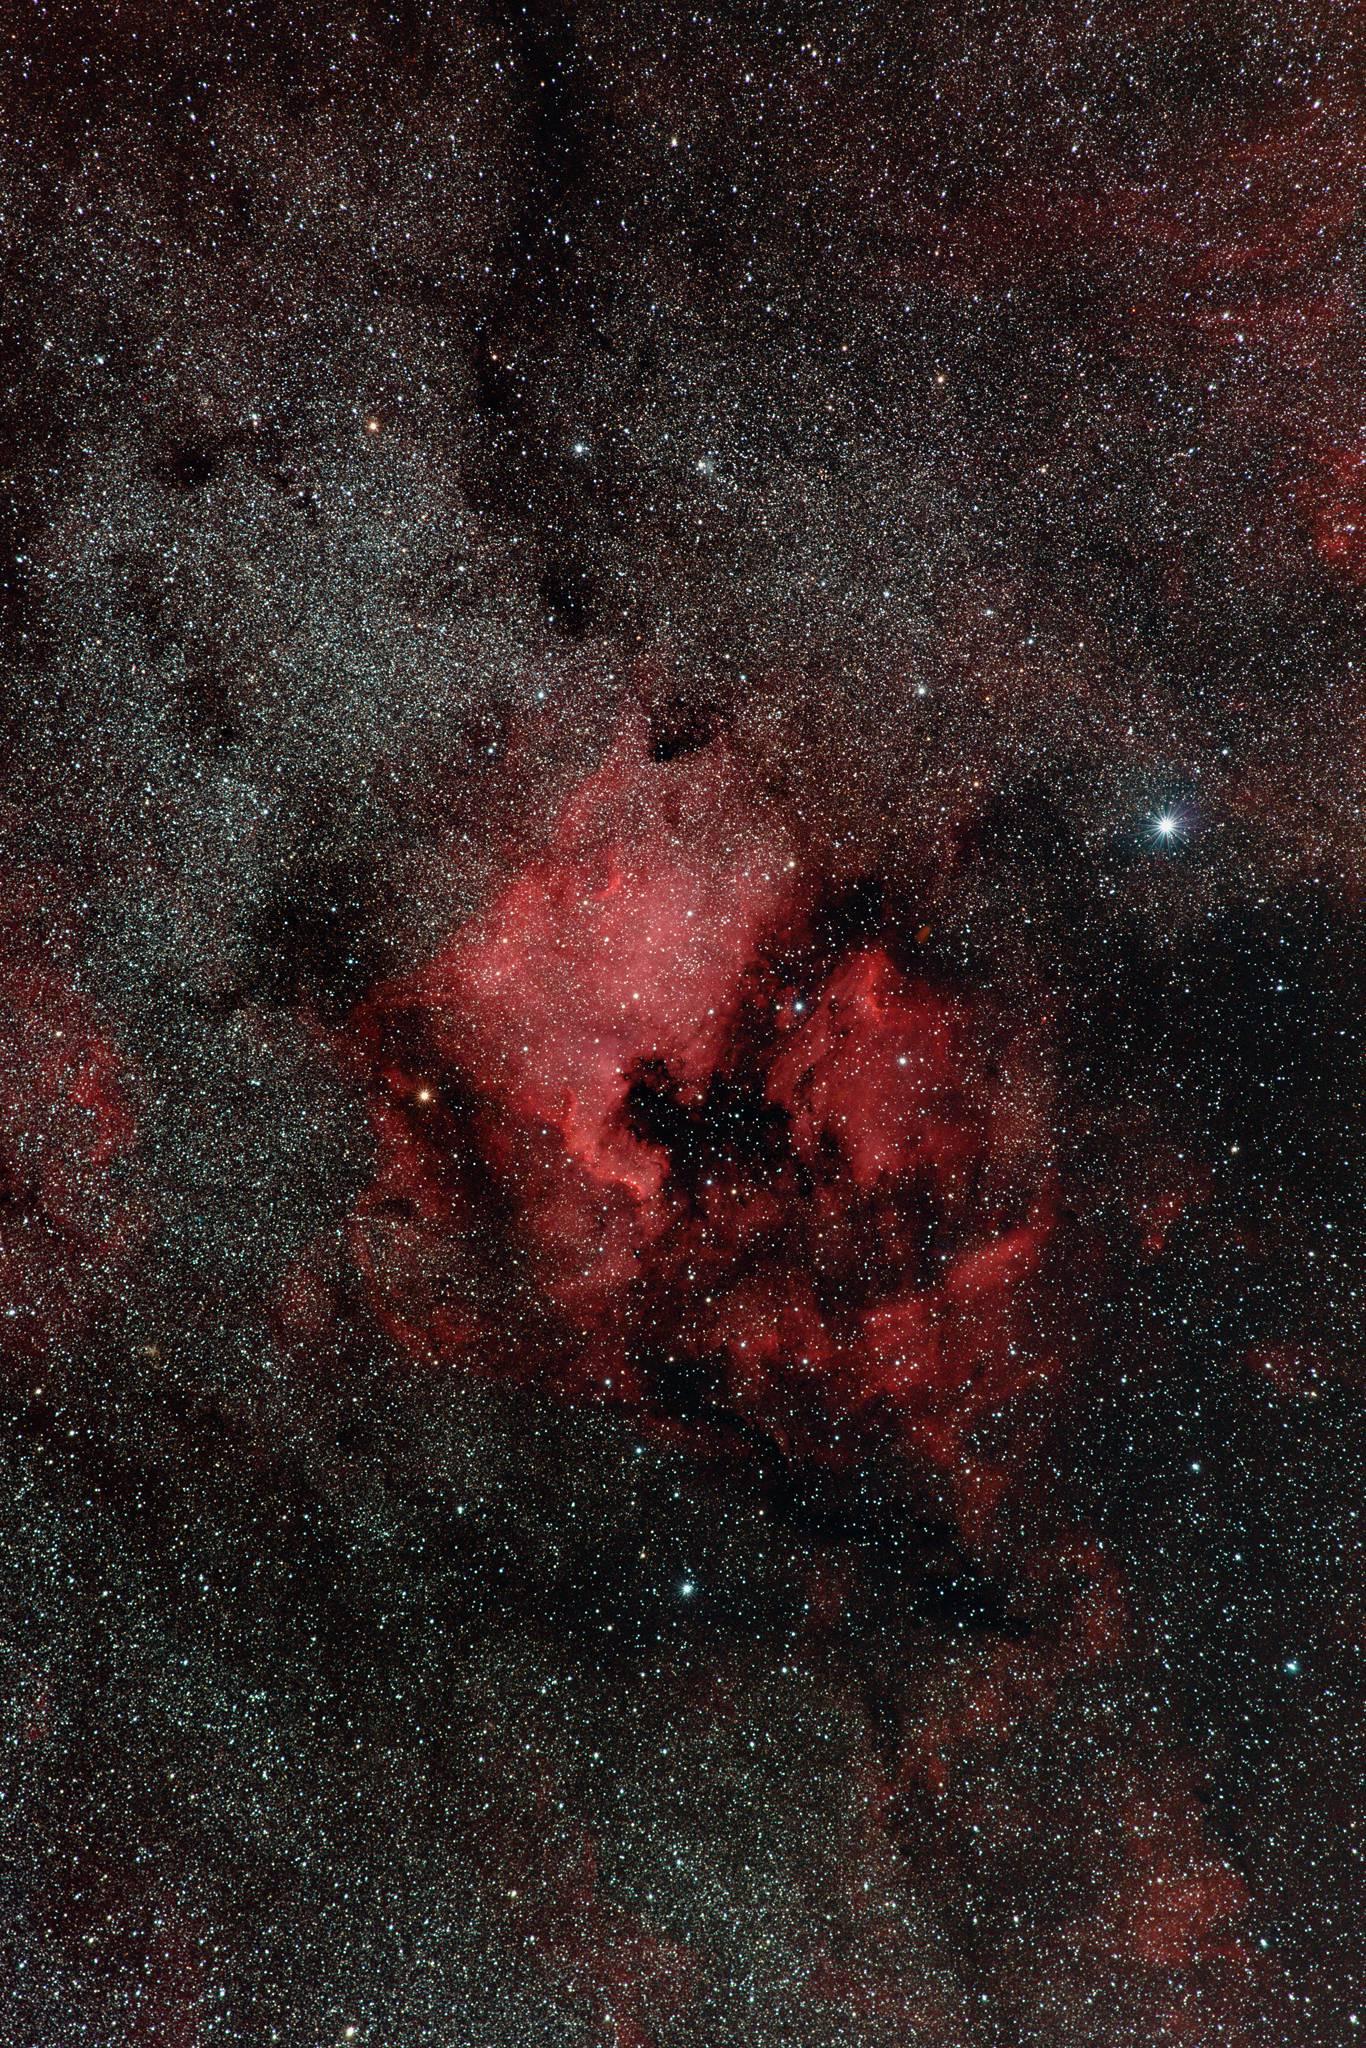 ngc7000-stc-astro-m-2048px.jpg